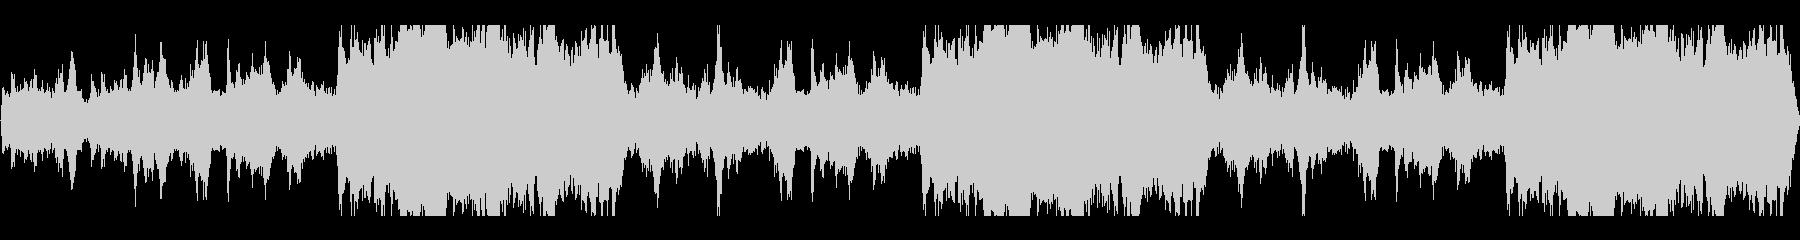 グオーン(ホラーなどで鳴っていそうな音)の未再生の波形